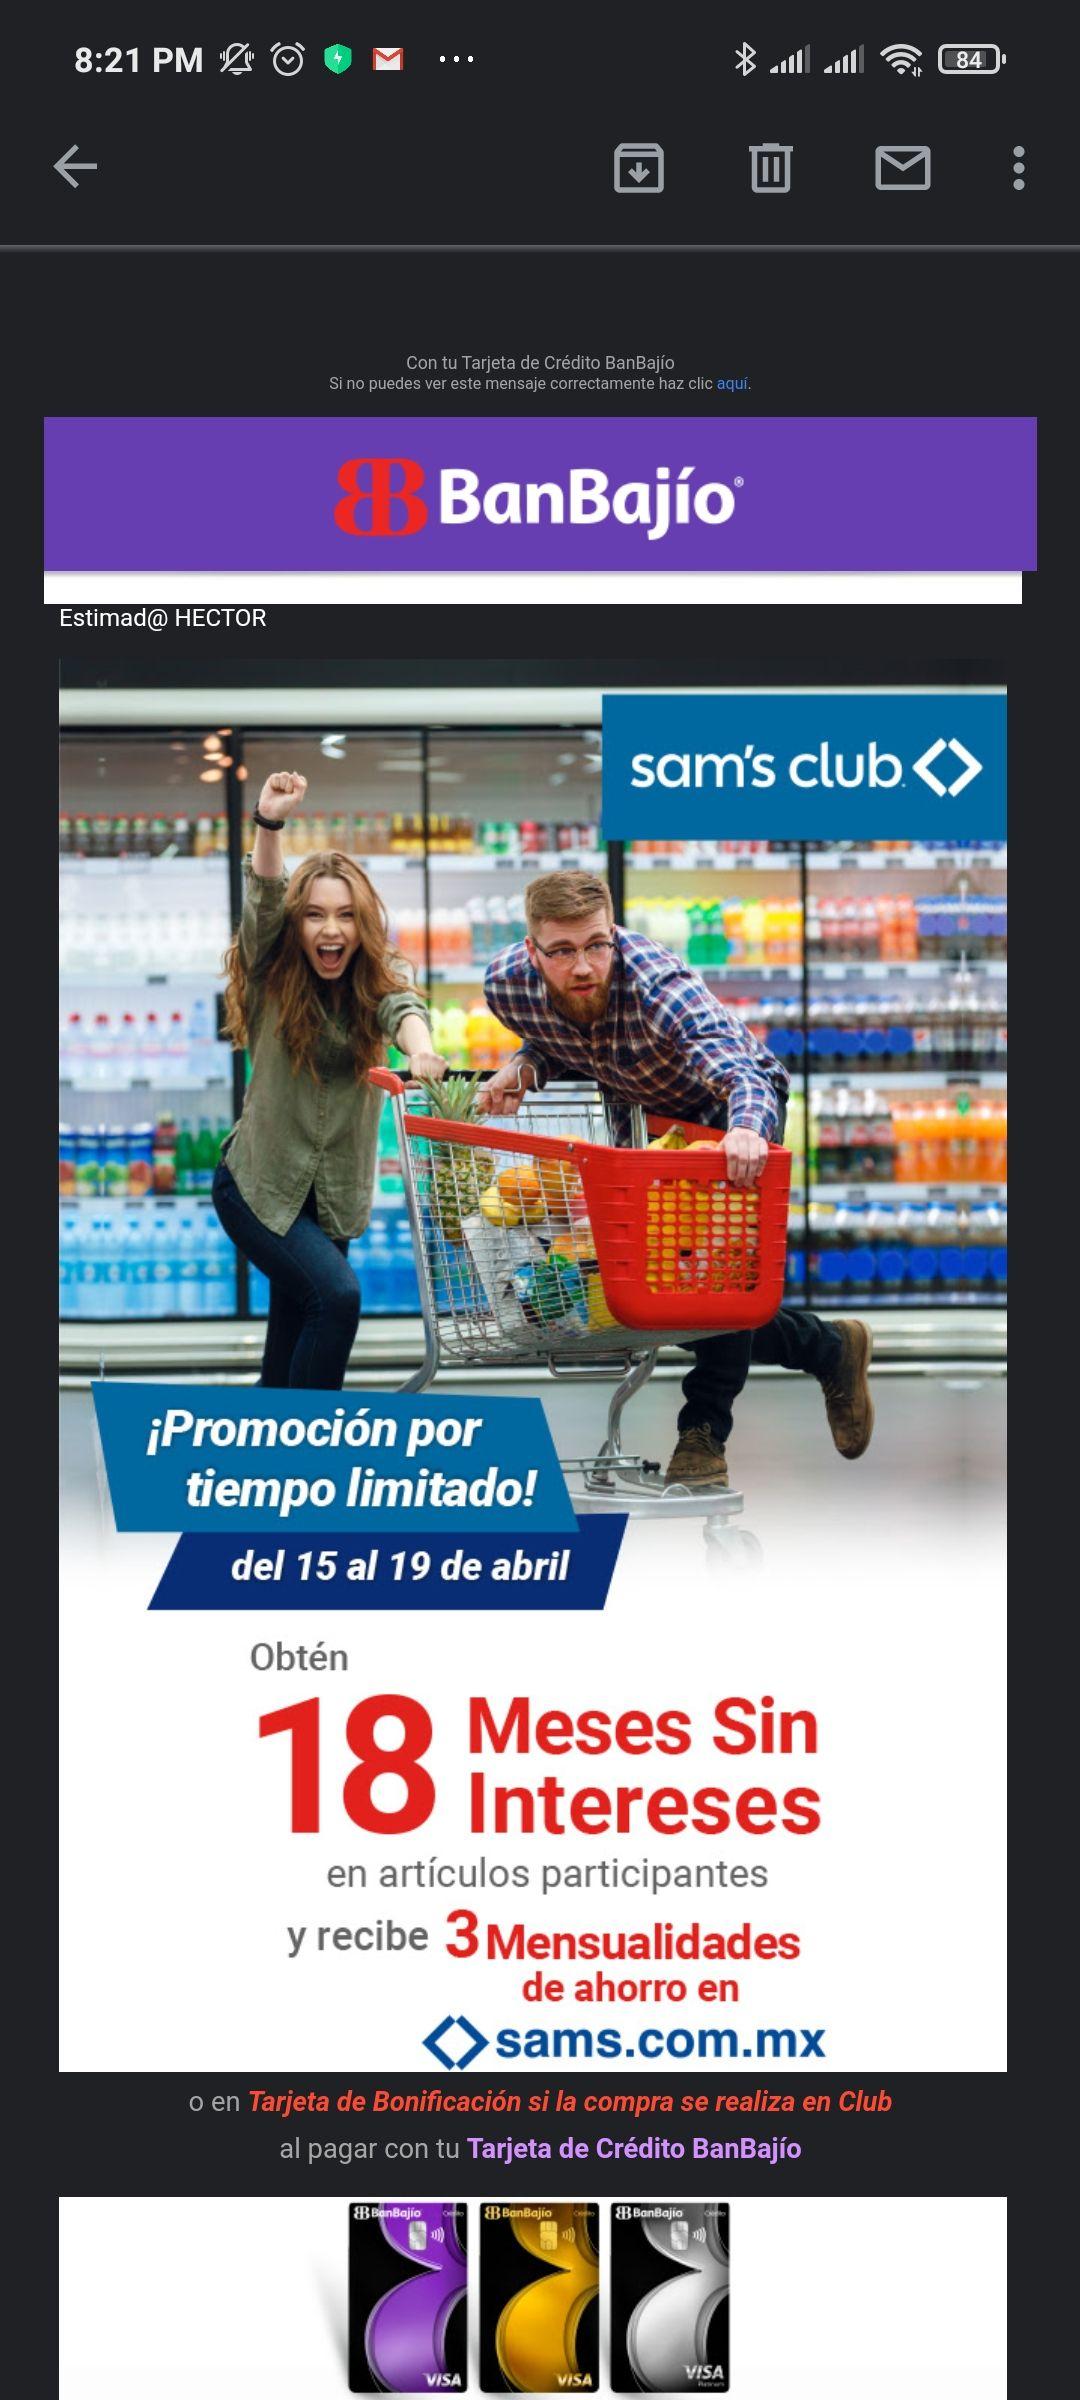 Sam's Club: BanBajío y otros bancos: 3 meses de bonificación o tarjeta